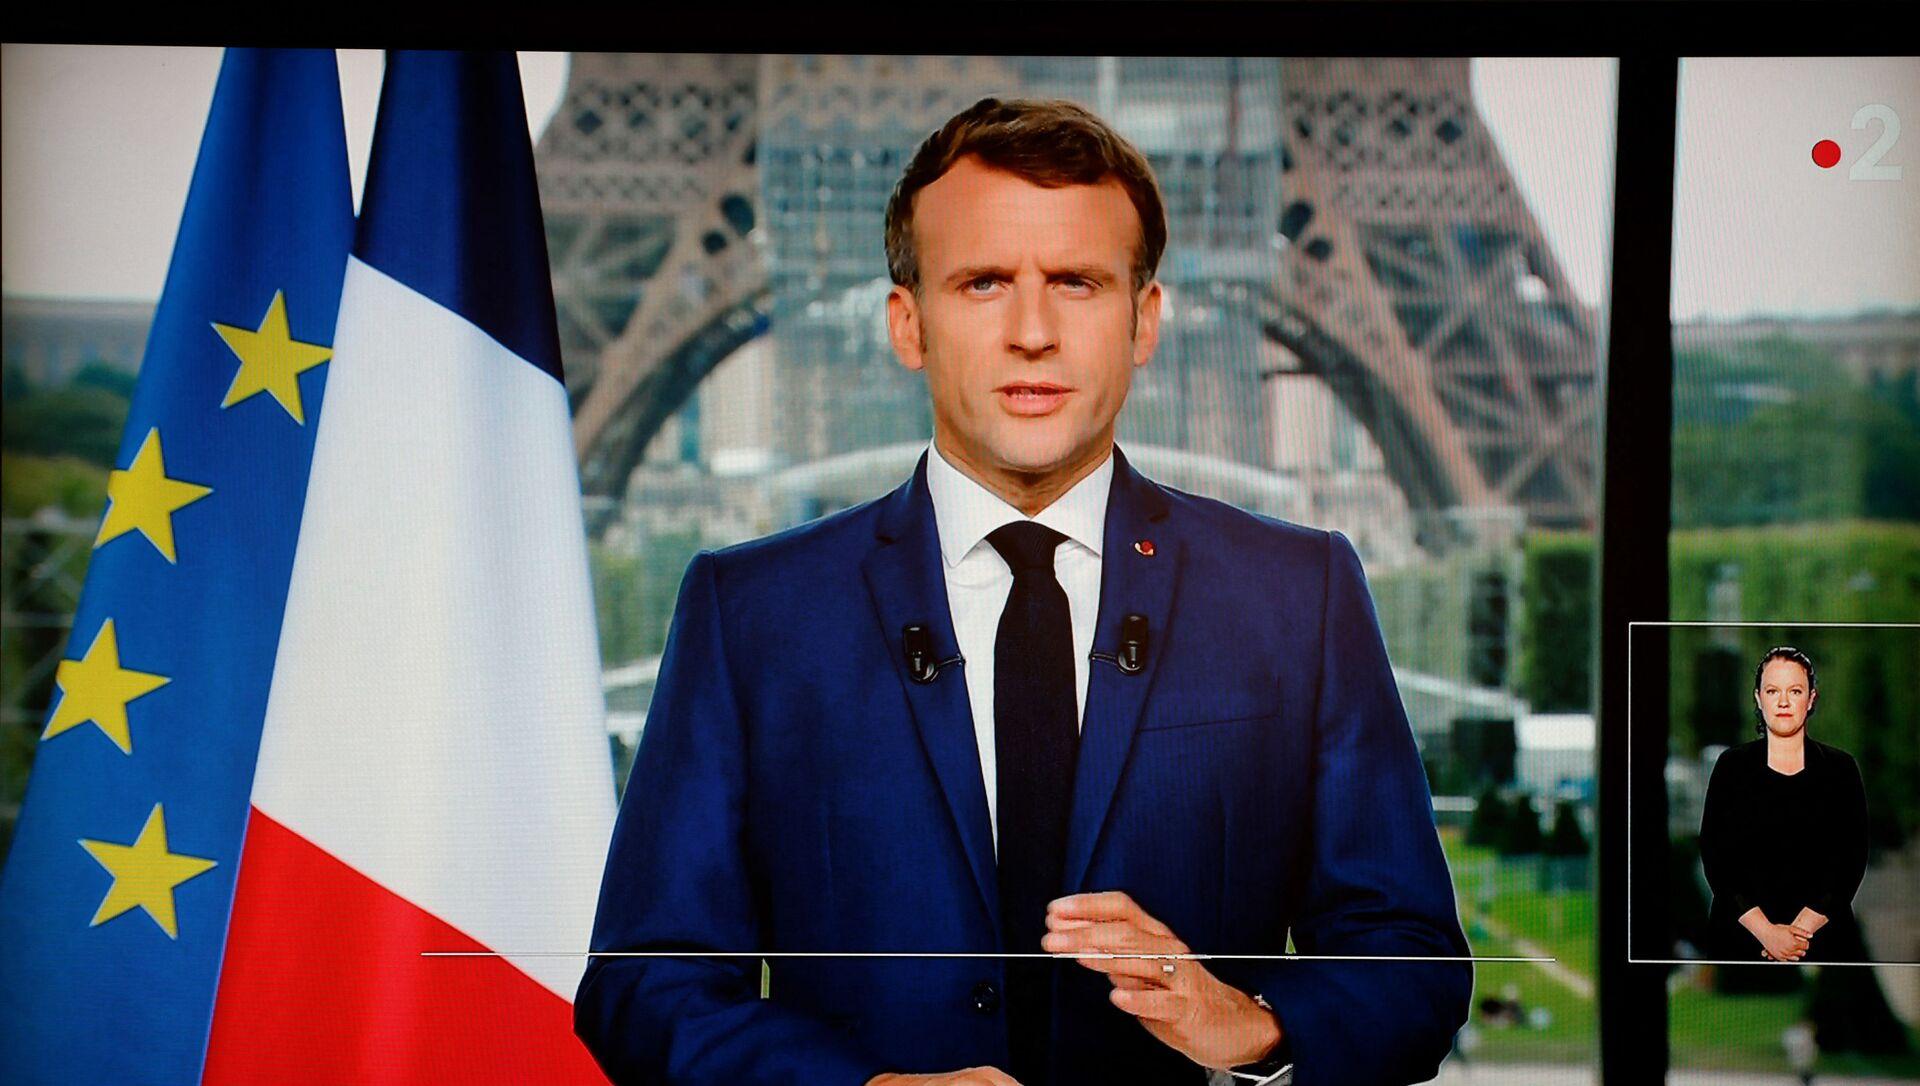 Macron s'adresse aux Français, le 12 juin 2021 - Sputnik France, 1920, 13.07.2021